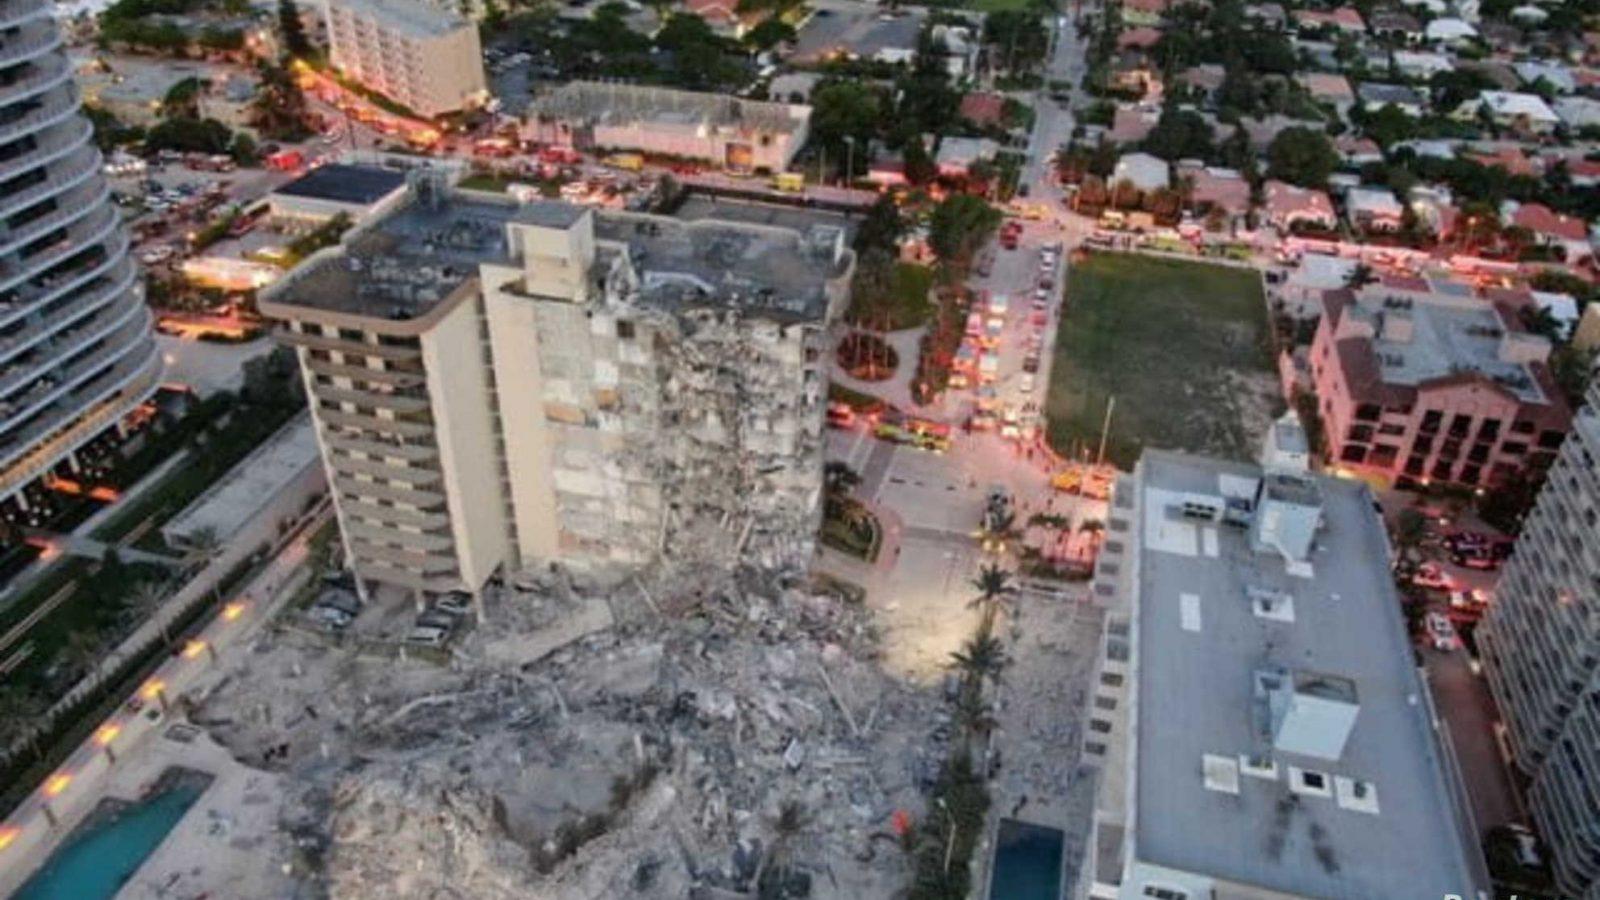 شاهد لحظة انهيار مبنى من 11 طابقا في فلوريدا (فيديو)